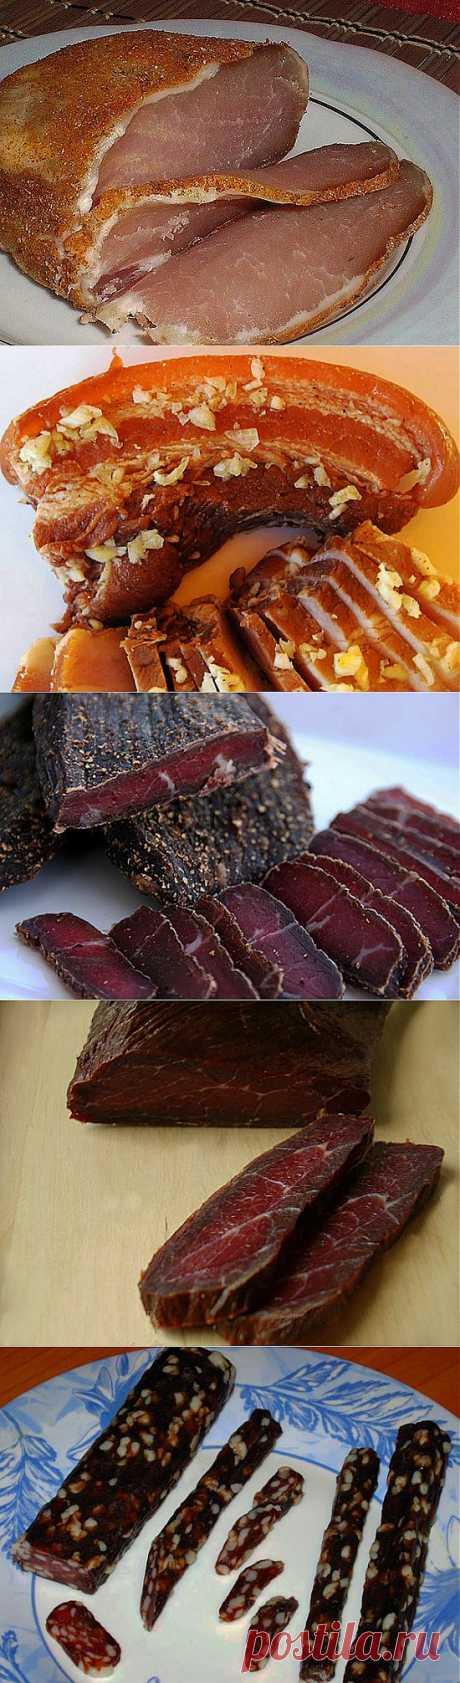 Мясная тарелка - пошаговые фото, рецепты....в конце поста.......ВЯЛЕНОЕ мясо рецепты (подробные) приготовления